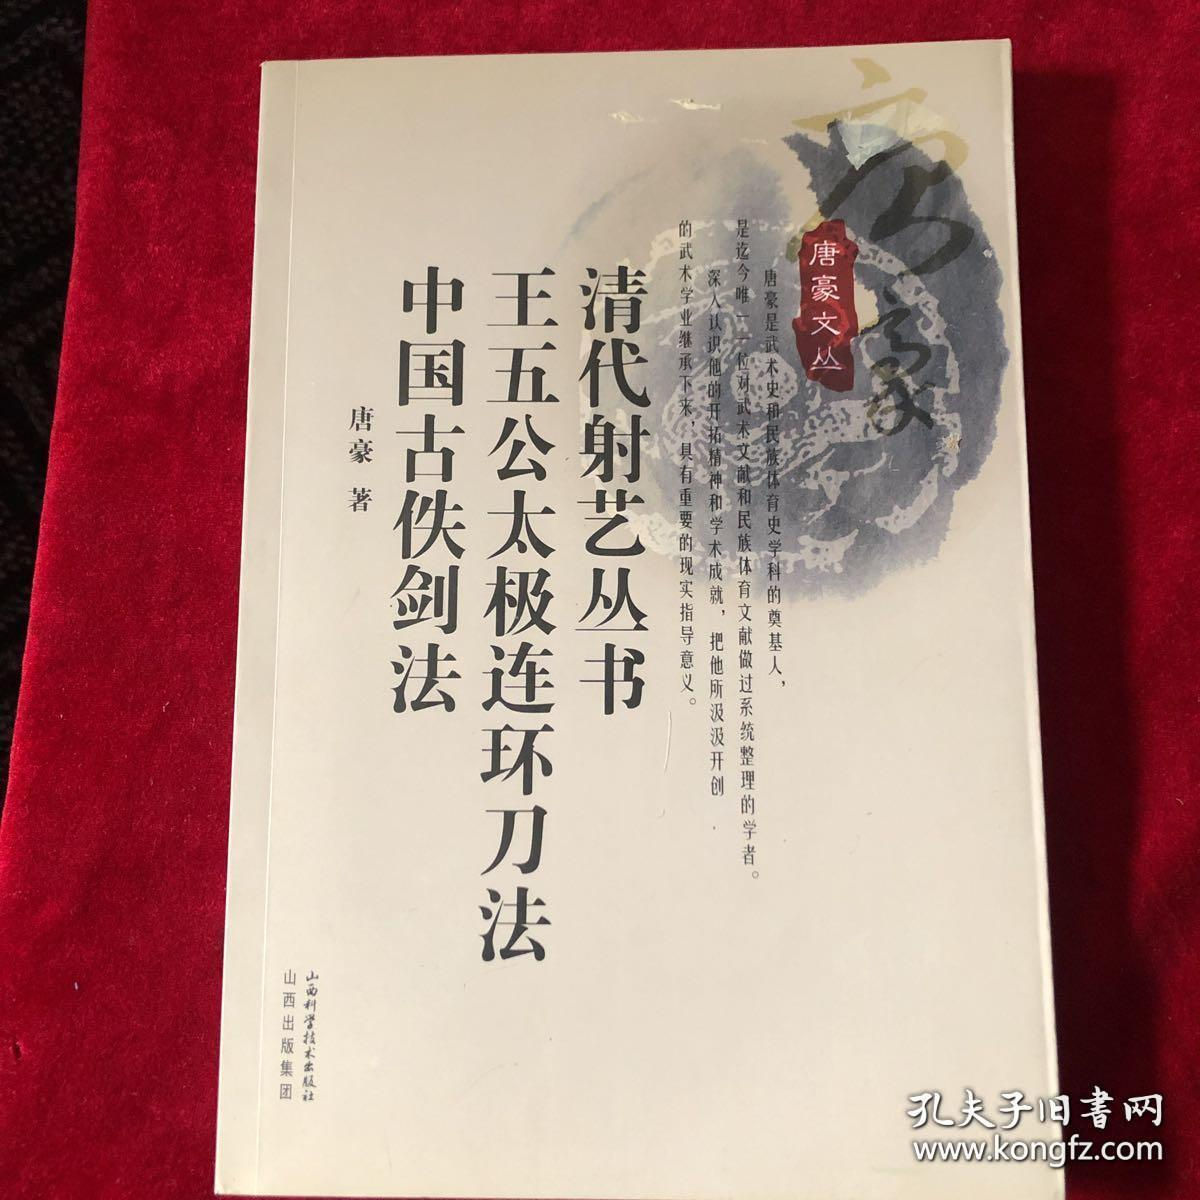 清代射艺丛书 王五公术极连环刀法 中国古佚剑法